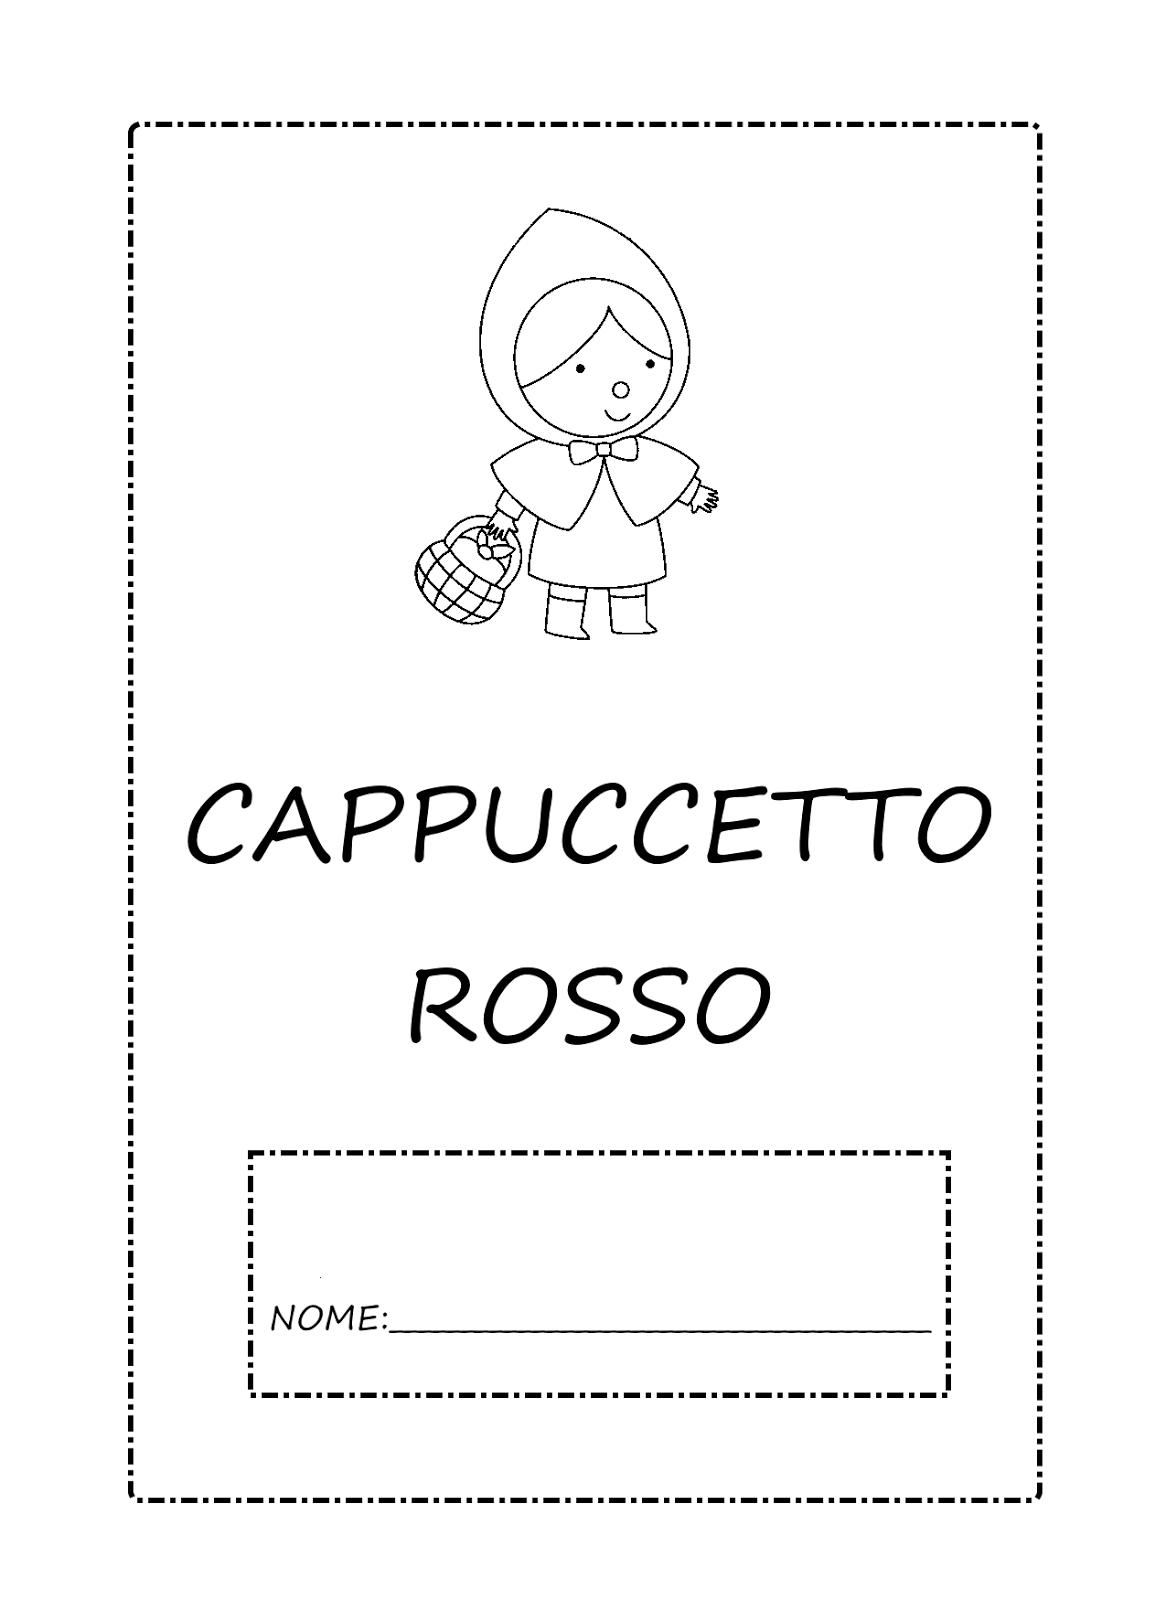 Cappuccetto Rosso 0 Copertina Png 1166 1600 Cappuccetto Rosso Rosso Letture Per Bambini